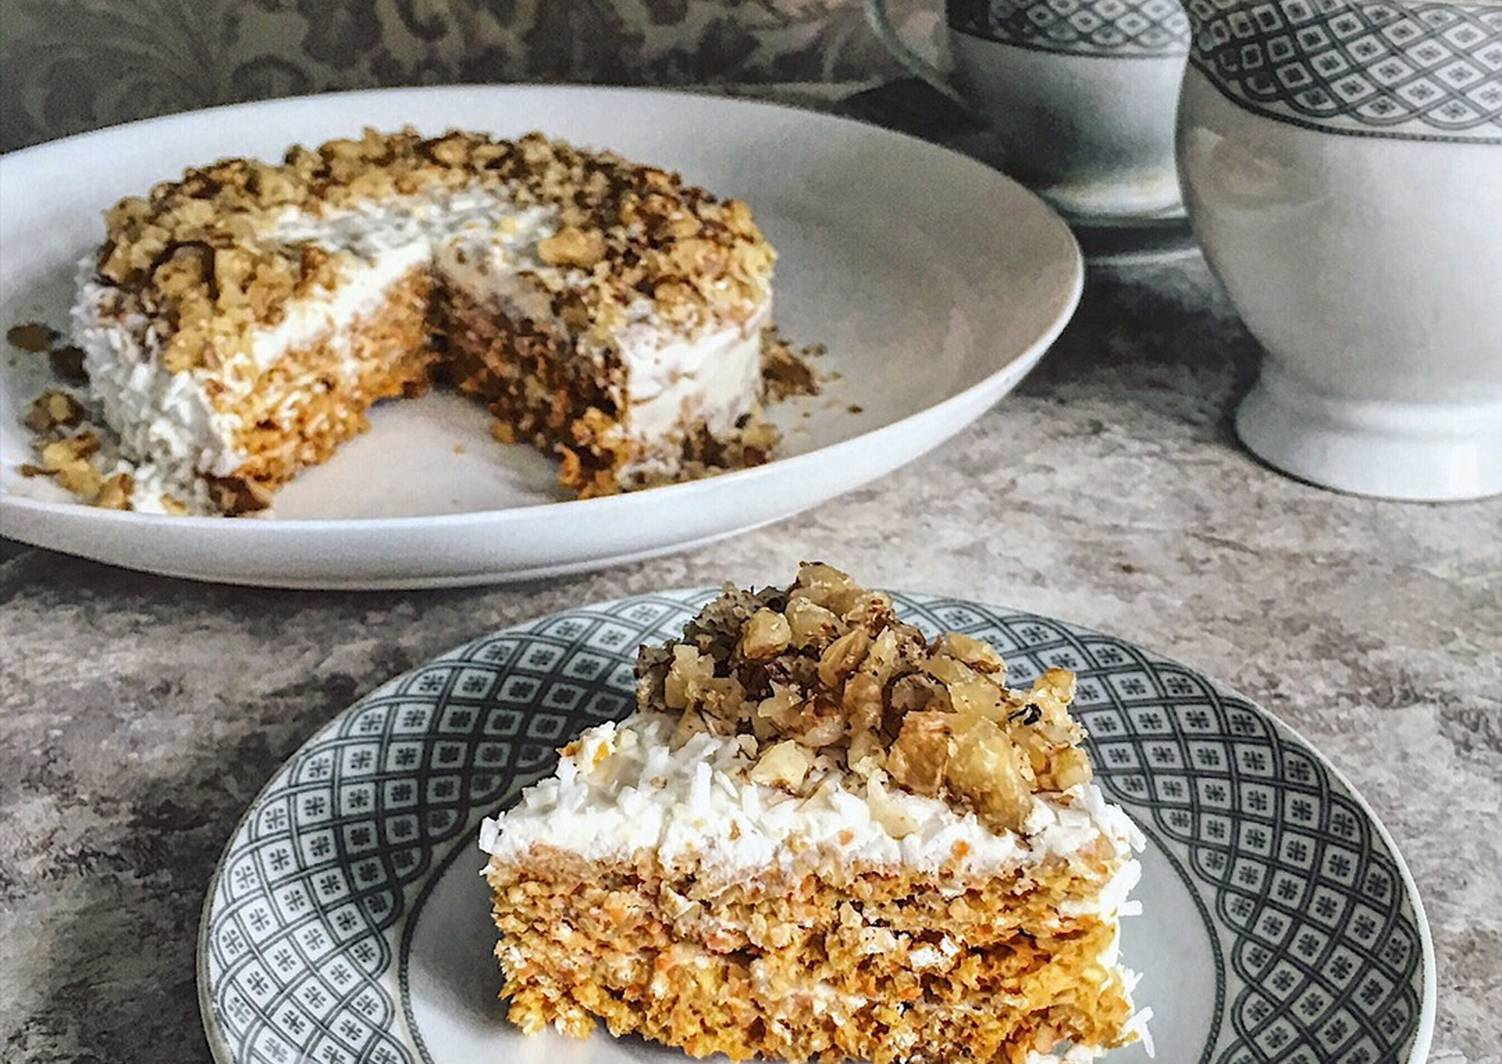 Рецепты тортов для правильного питания. 5 рецептов несладких тортиков: все лучшее для вашей фигуры | здоровое питание